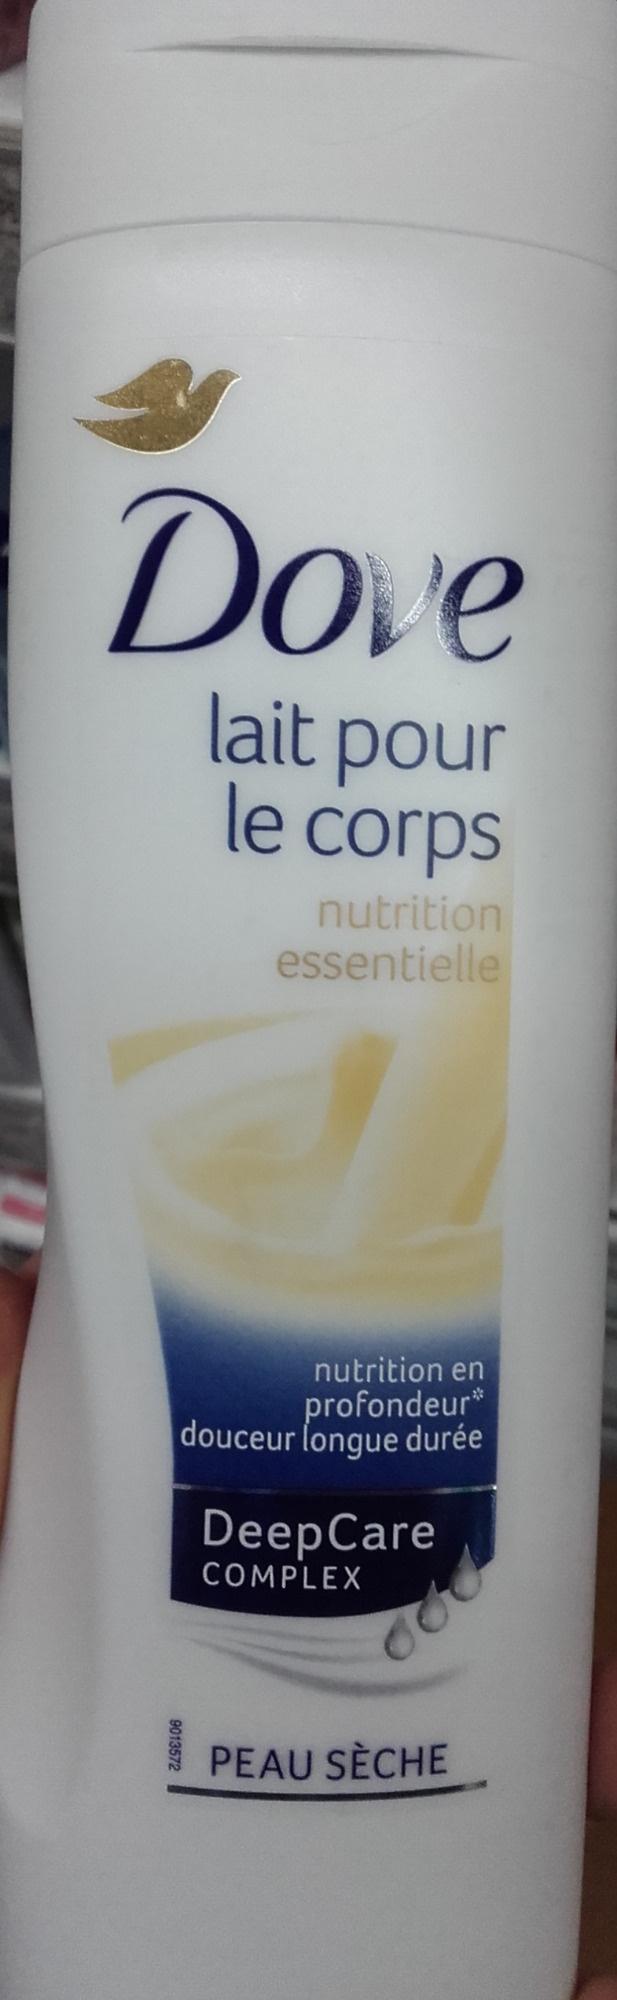 Lait pour le corps nutrition essentielle - Product